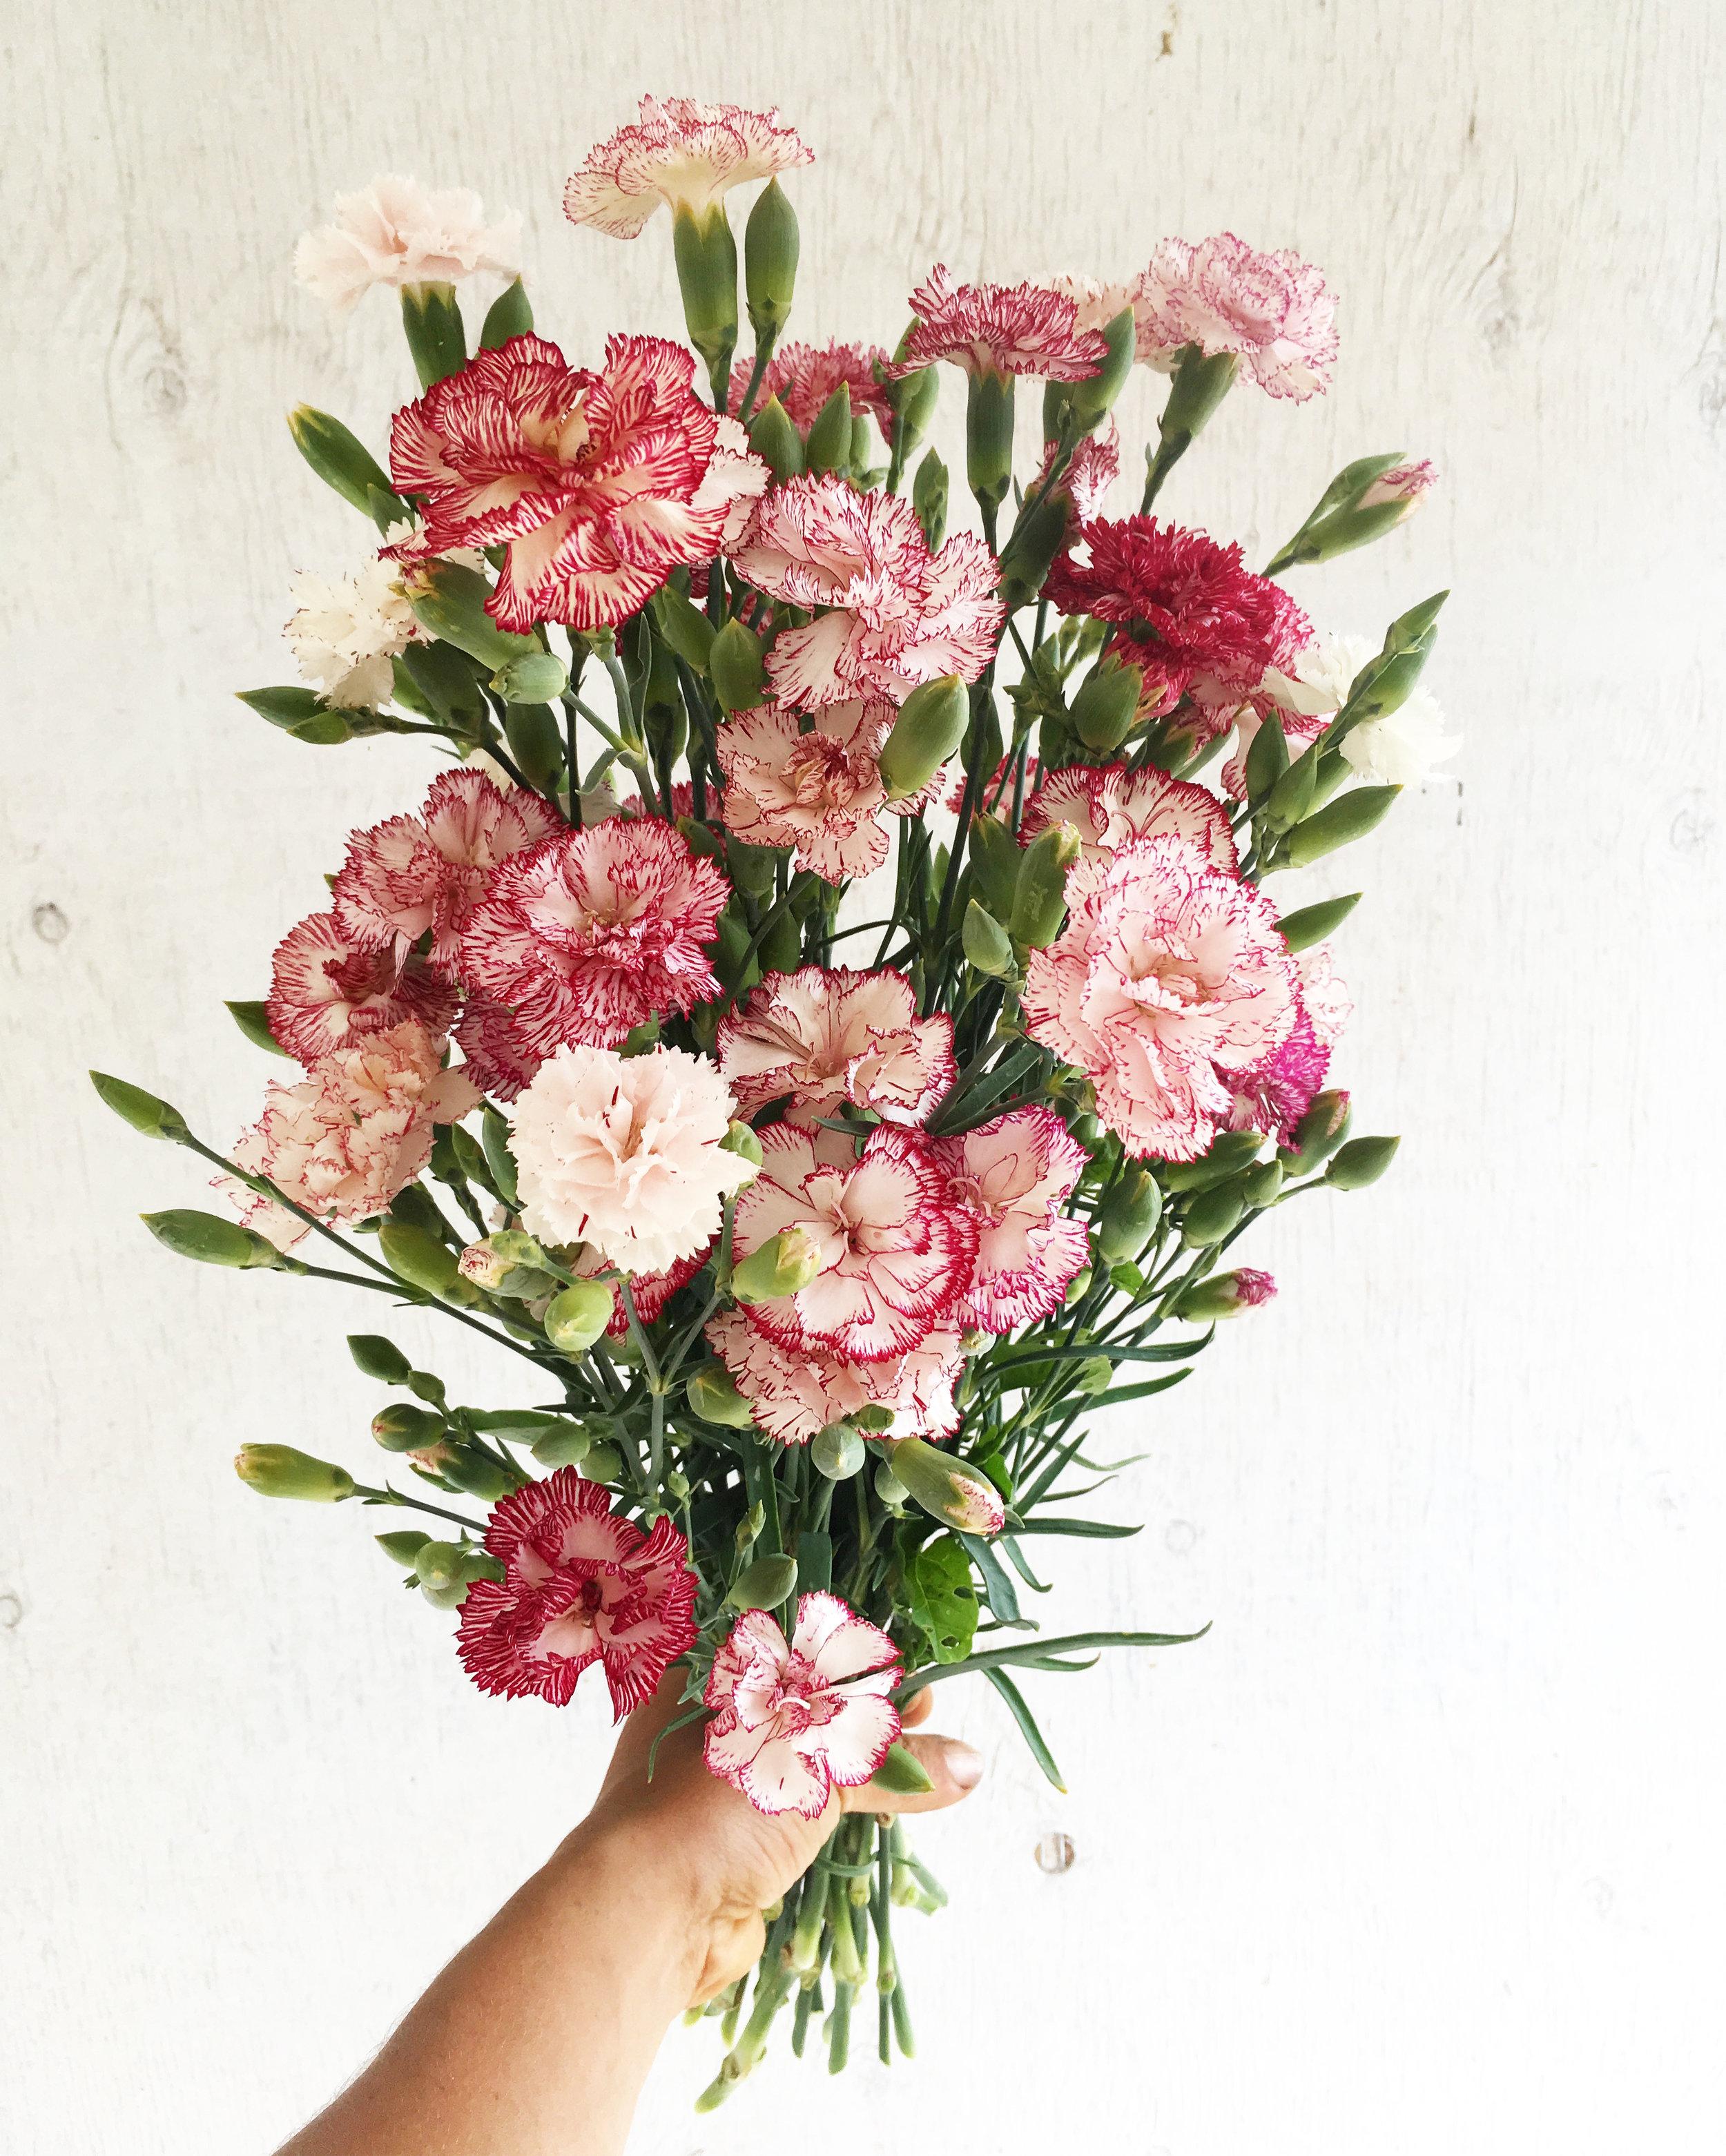 Carnation - Chabaud Begnina